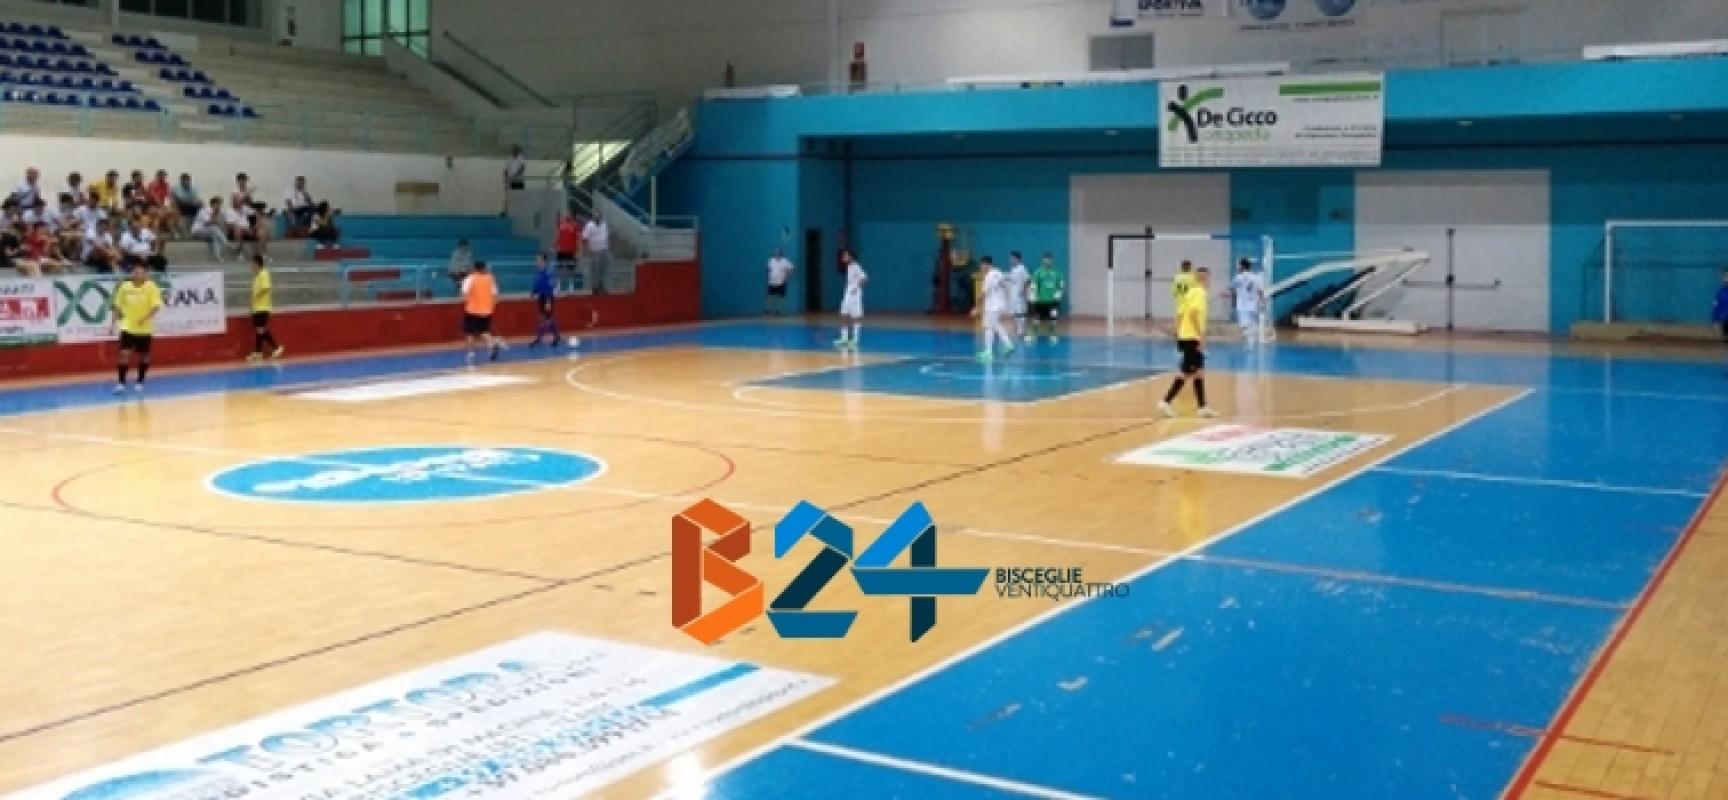 Serie C1: Diaz vittoriosa al PalaDolmen, sconfitte per Nettuno e Santos Club/CLASSIFICA